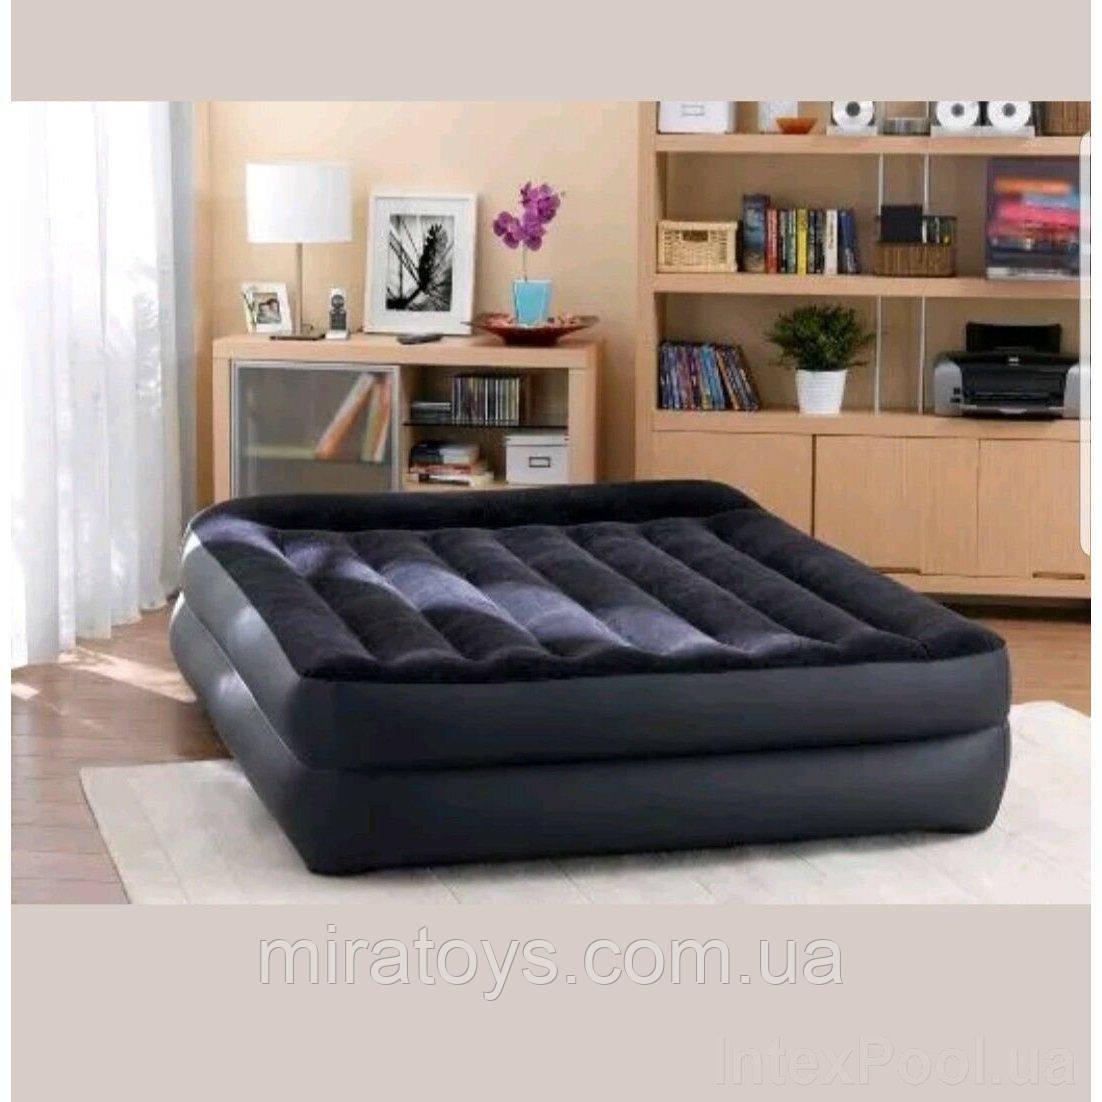 ✅Надувна ліжко Intex 64124, 152 х 203 х 42 , вбудований електронасос. Полутораместная